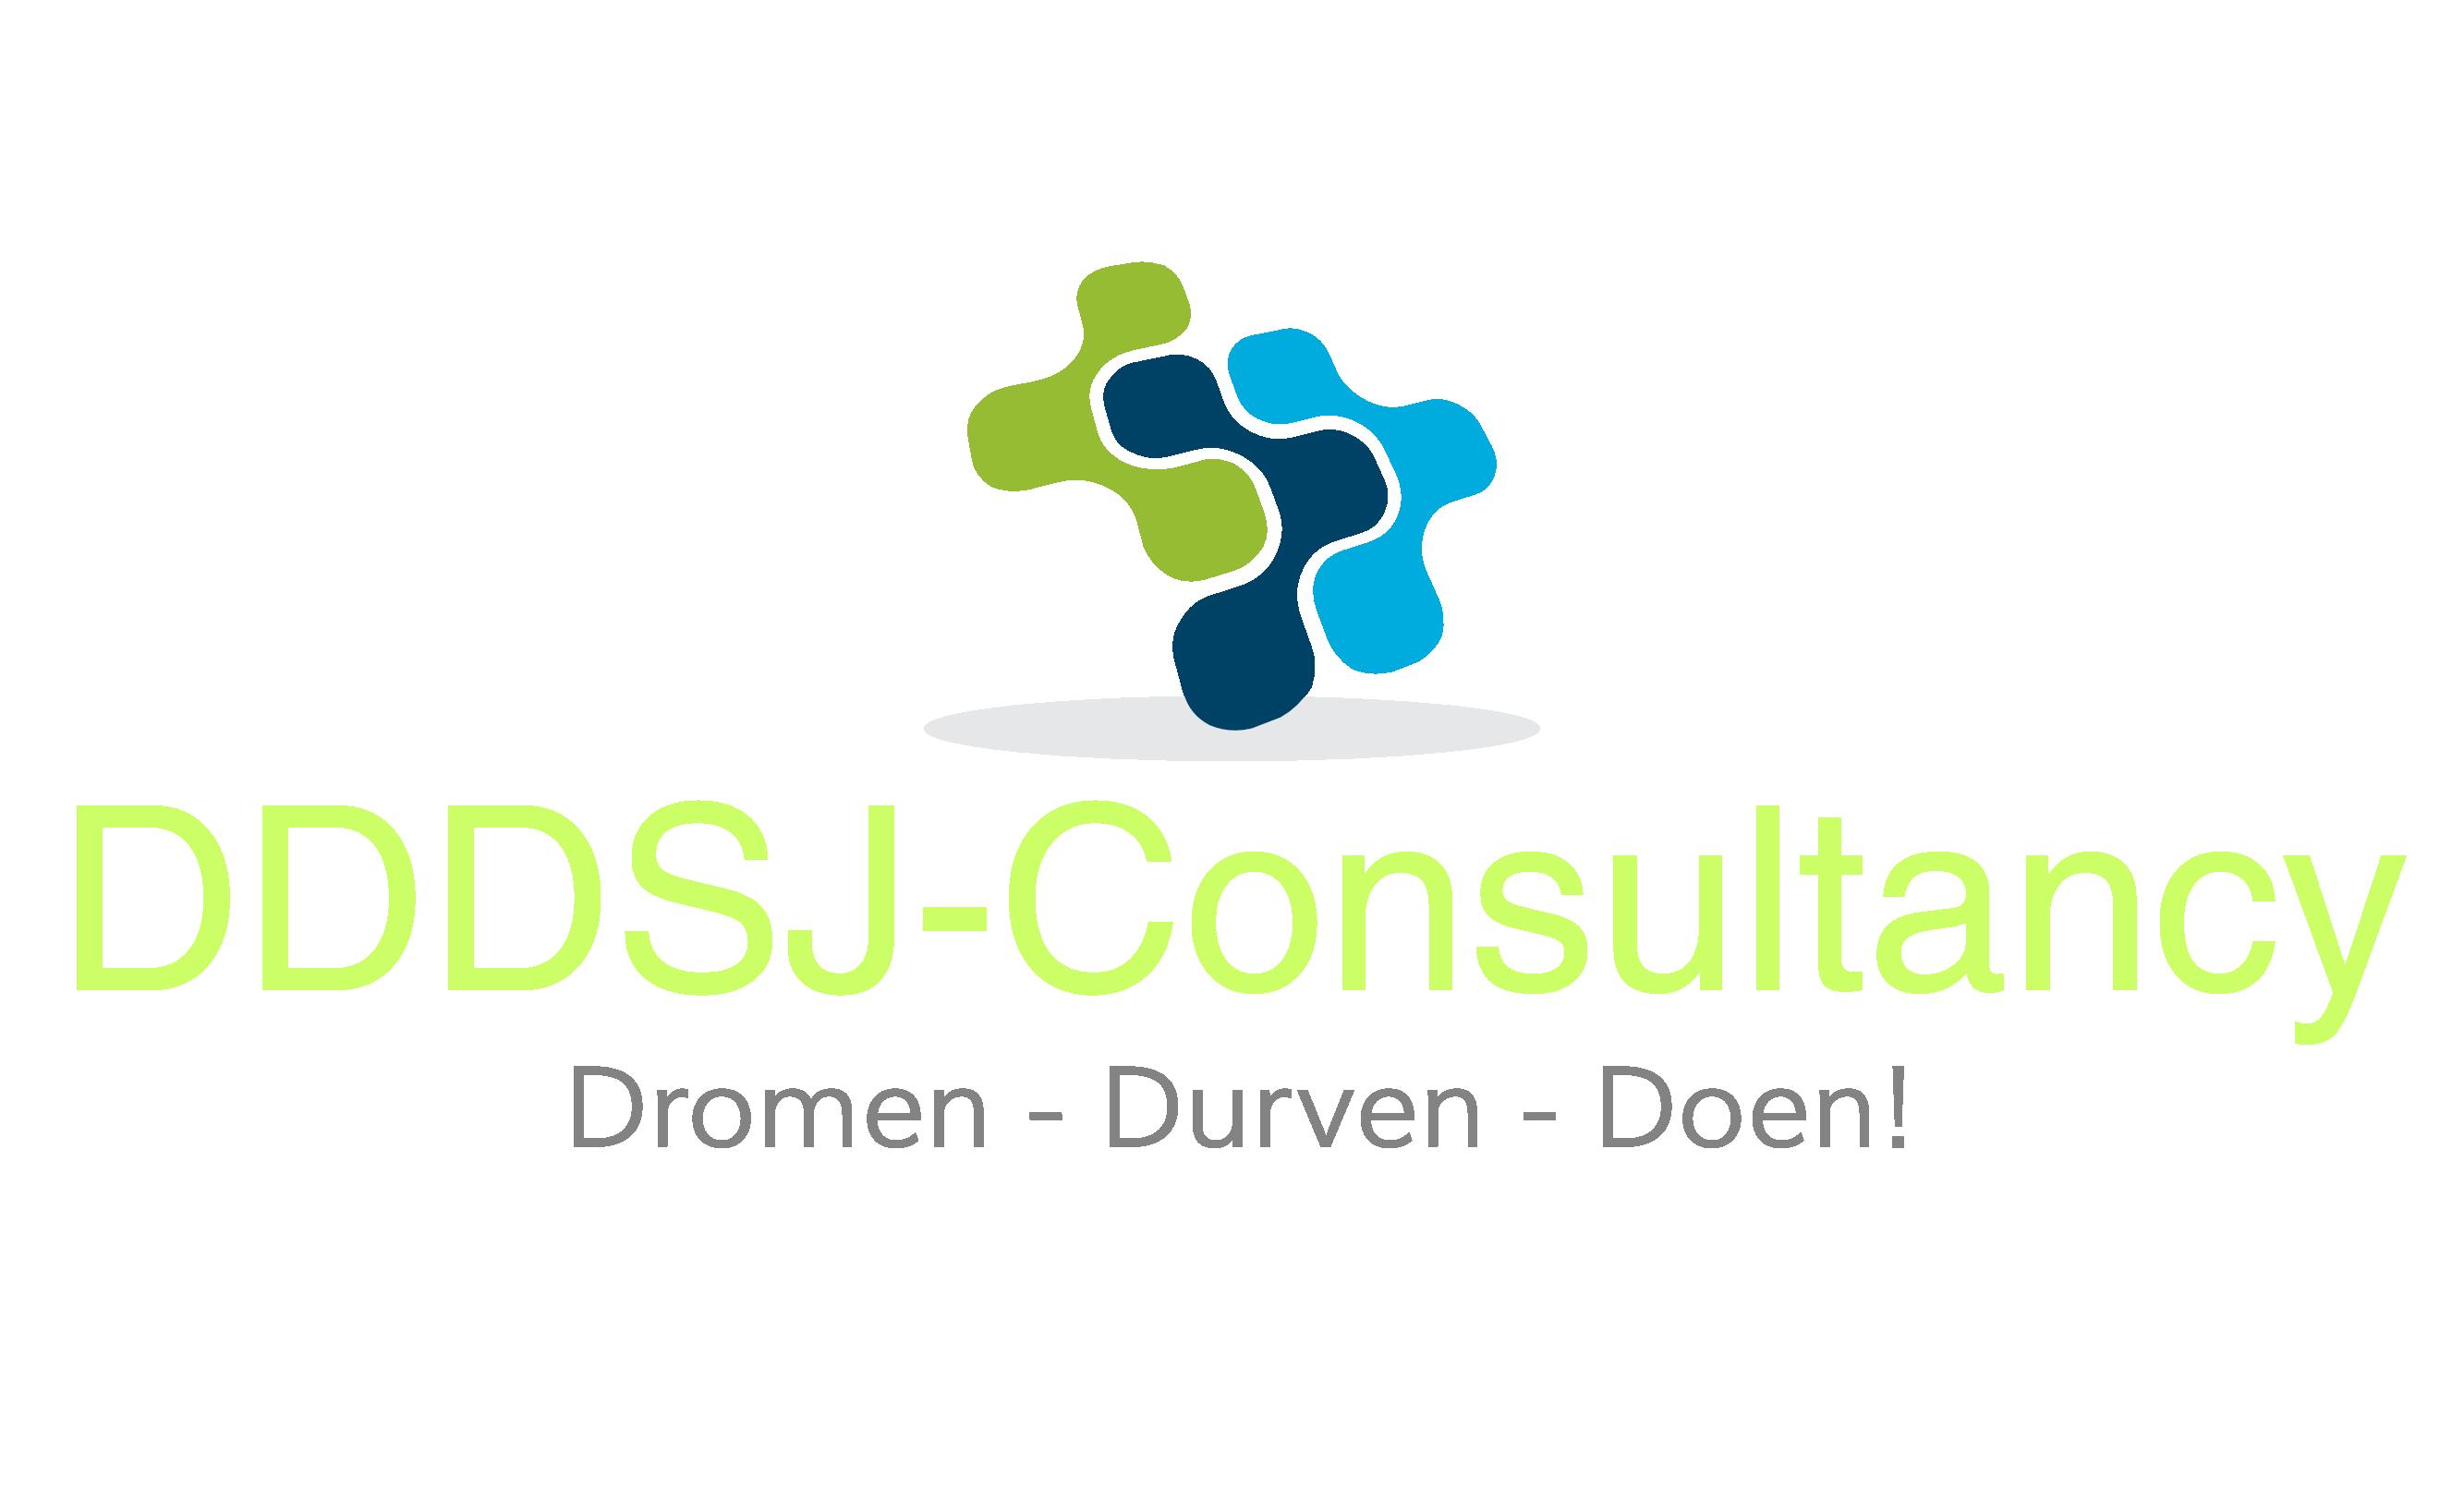 DDDSJ-Consultancy